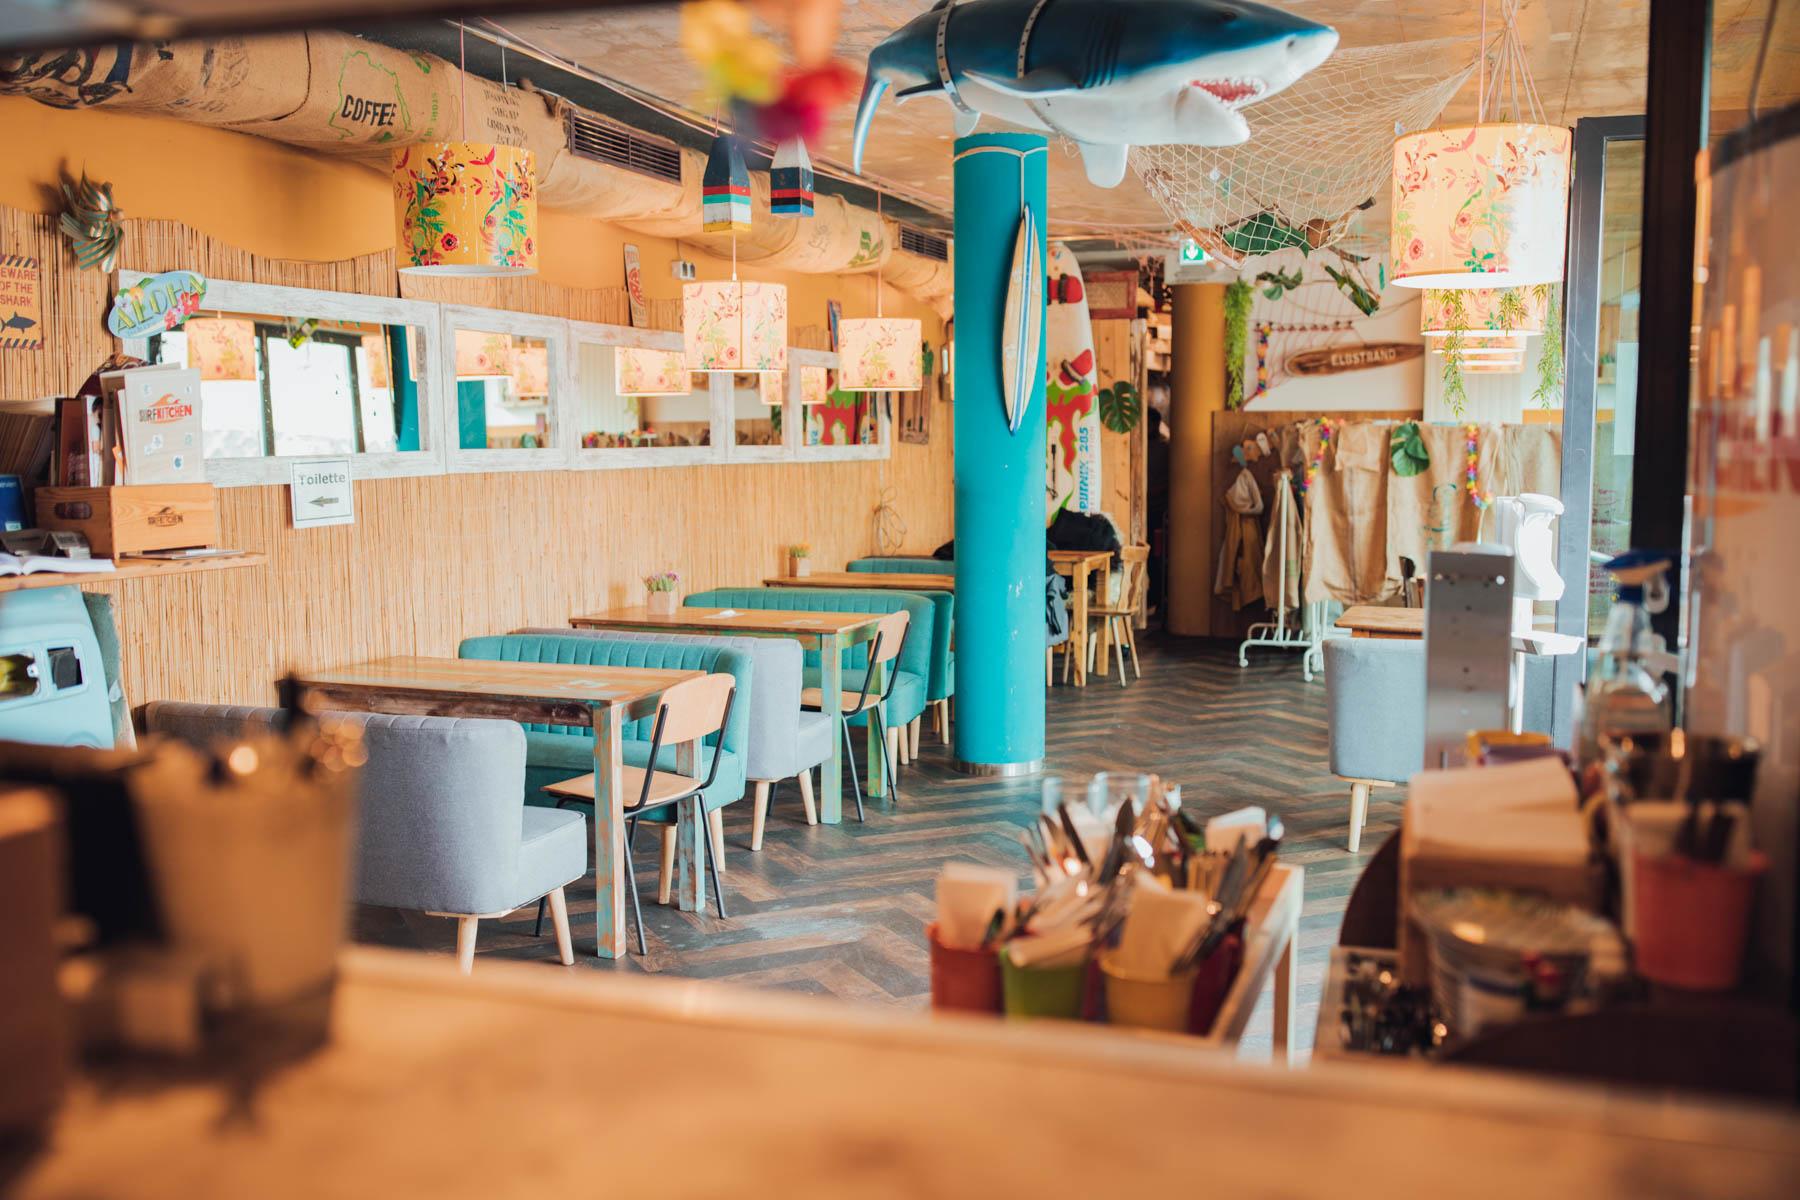 Geheimtipp Hamburg Hafencity Restaurant Surfkitchen Janne Baumann 66